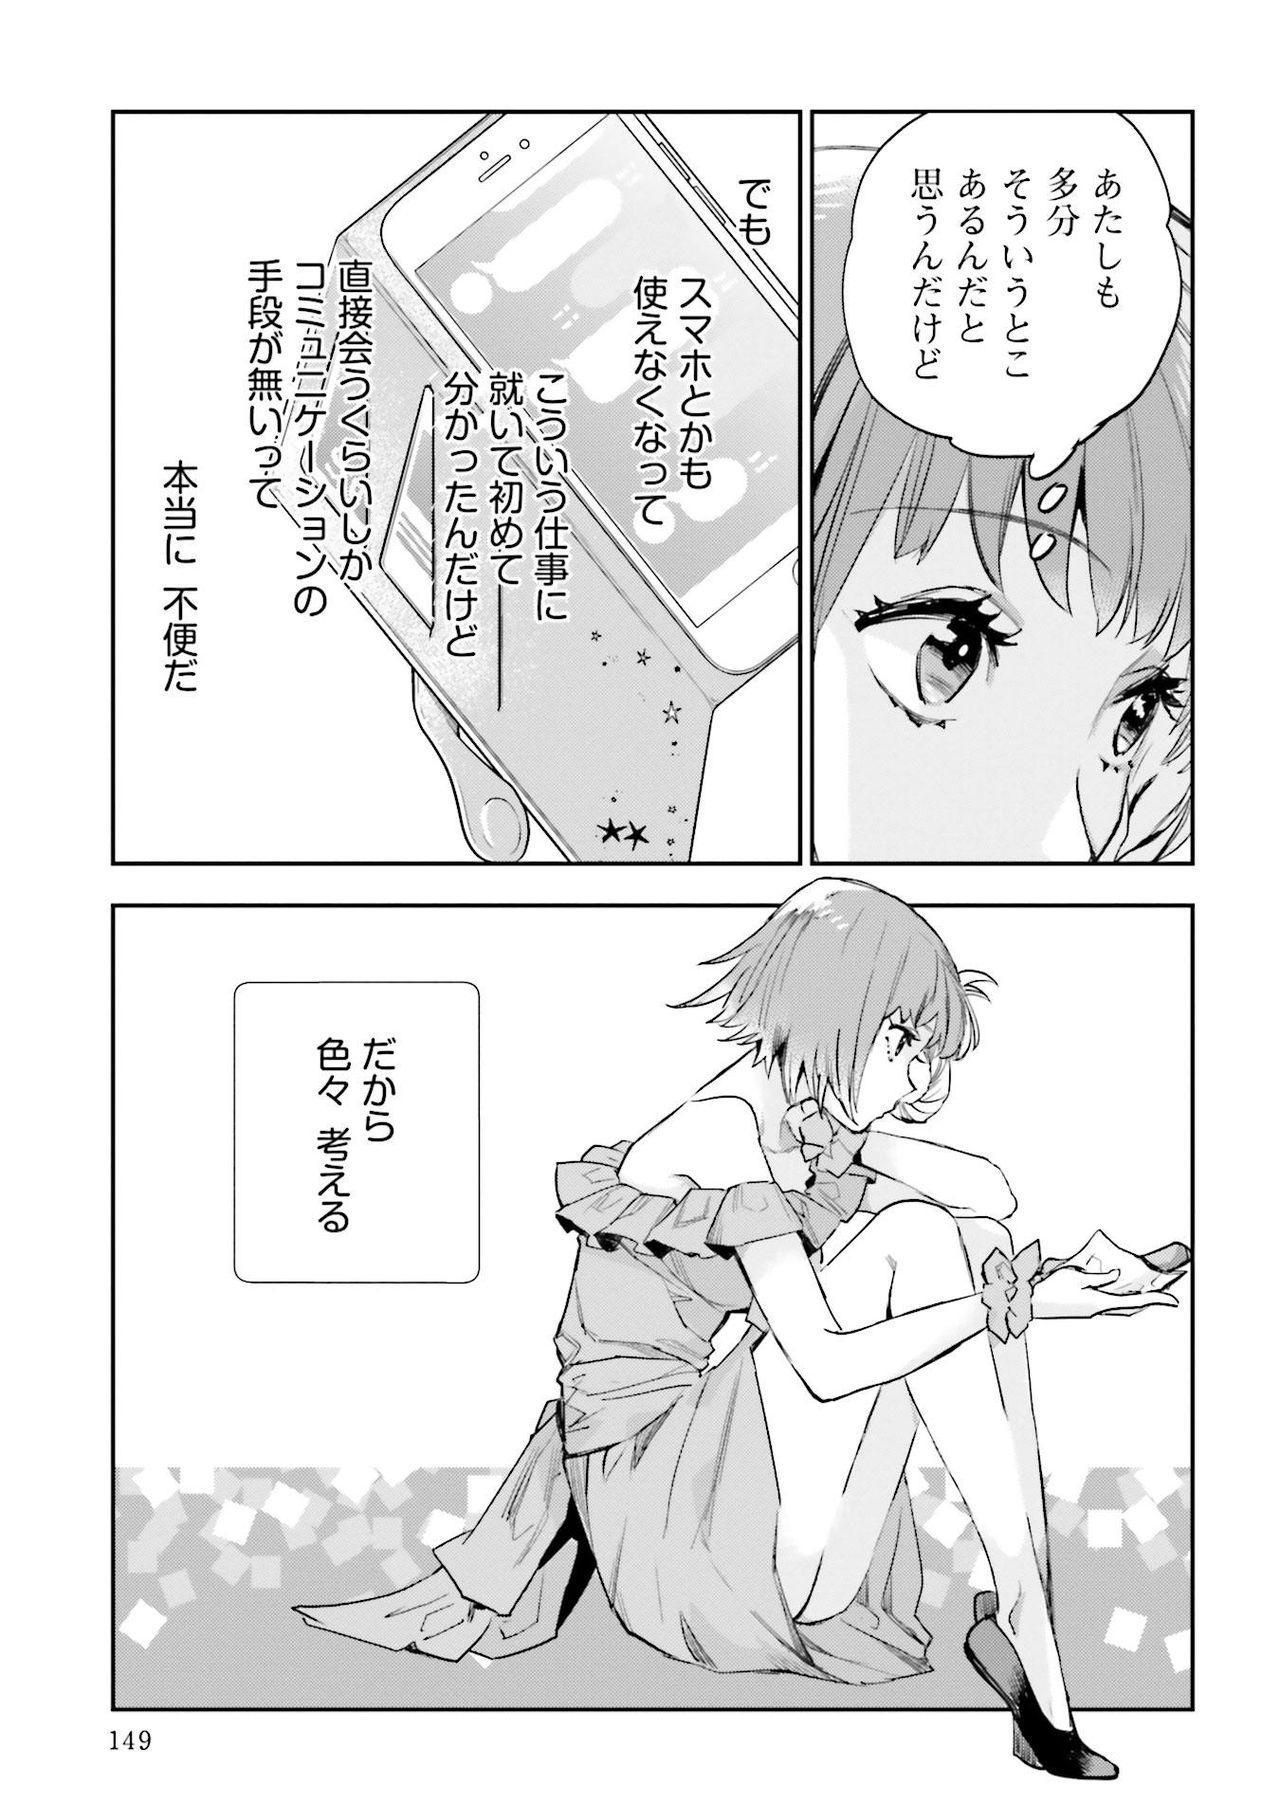 JK Haru wa Isekai de Shoufu ni Natta 1-14 508